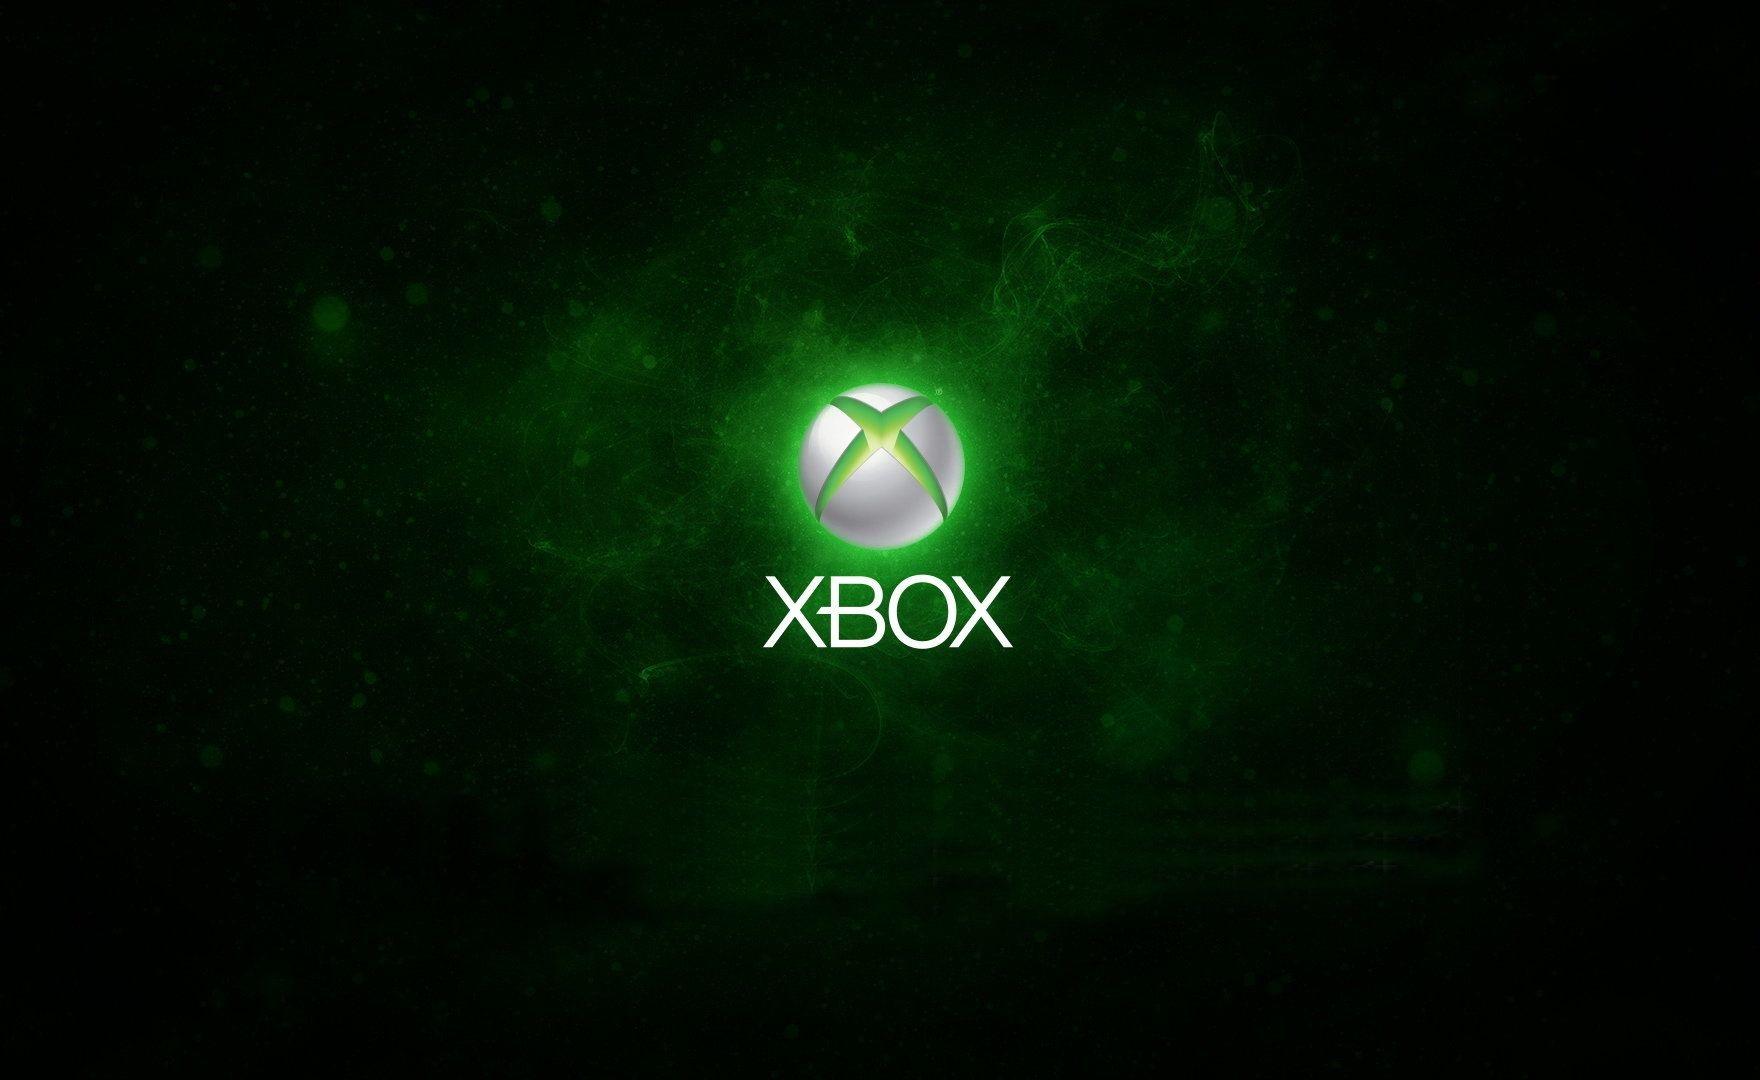 Microsoft produrrà 825.000 Xbox carbon neutral nella lotta ai cambiamenti climatici